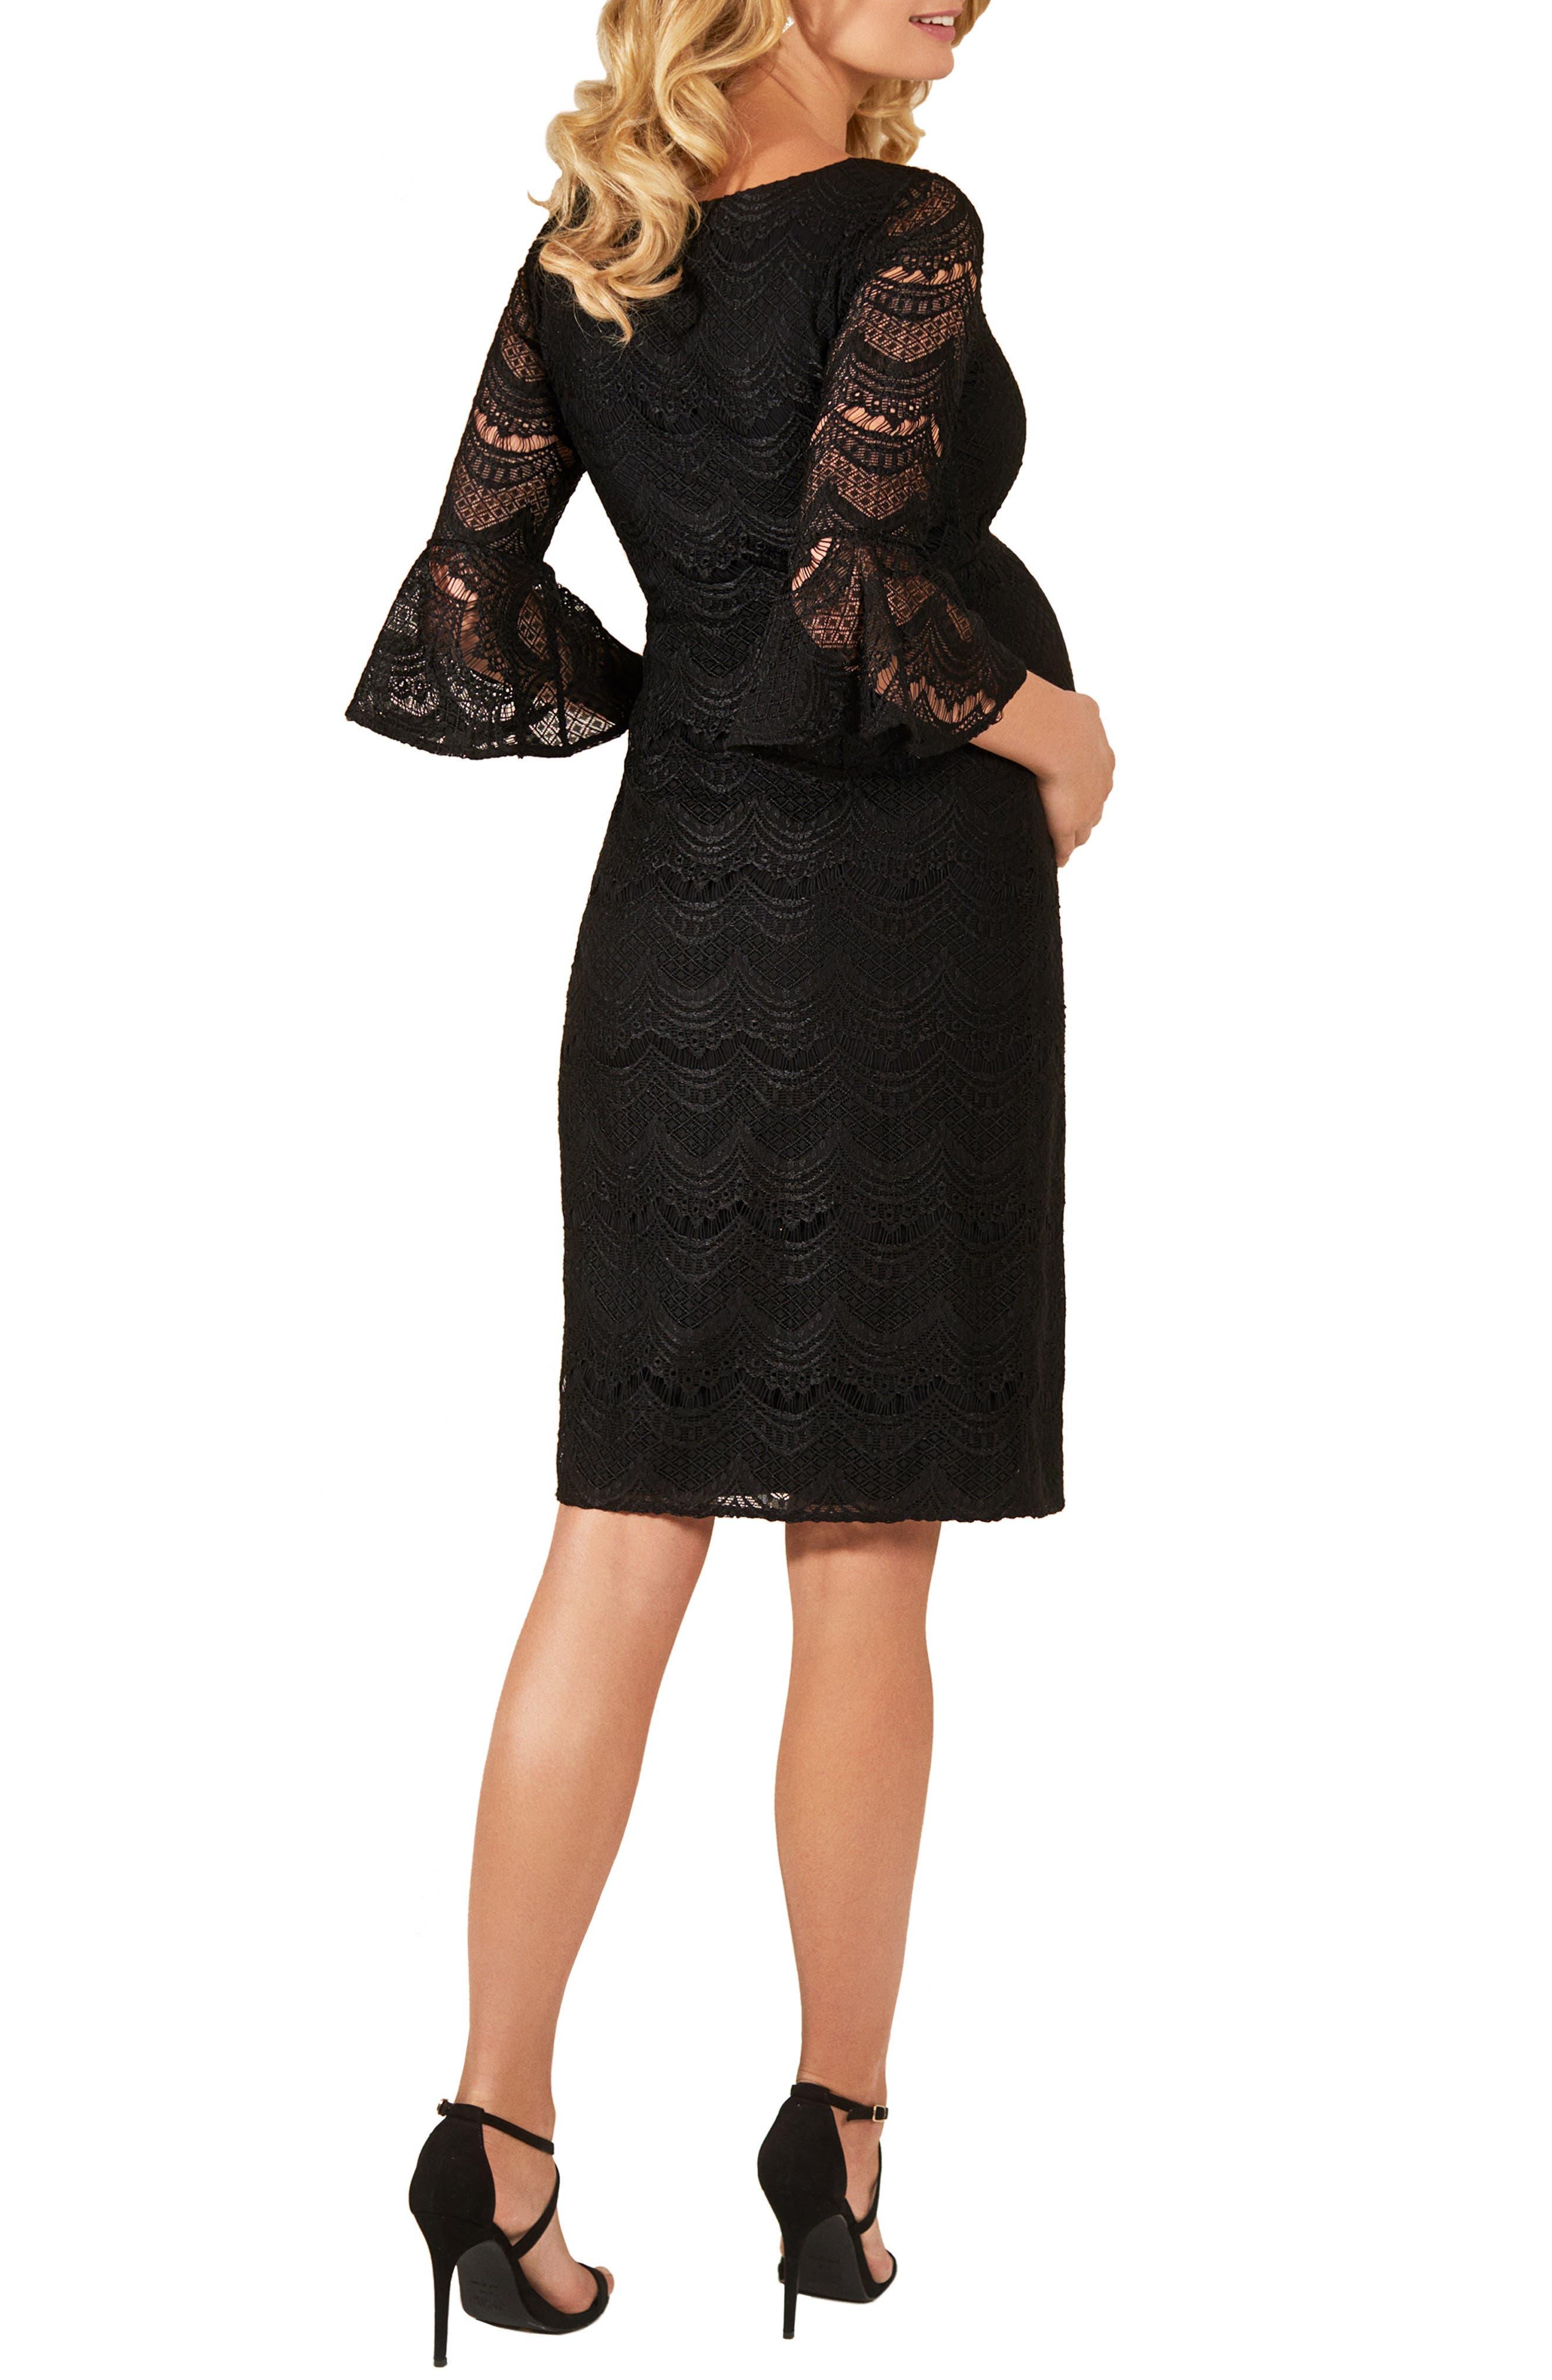 TIFFANY ROSE,                             Jane Lace Maternity Dress,                             Alternate thumbnail 2, color,                             BLACK